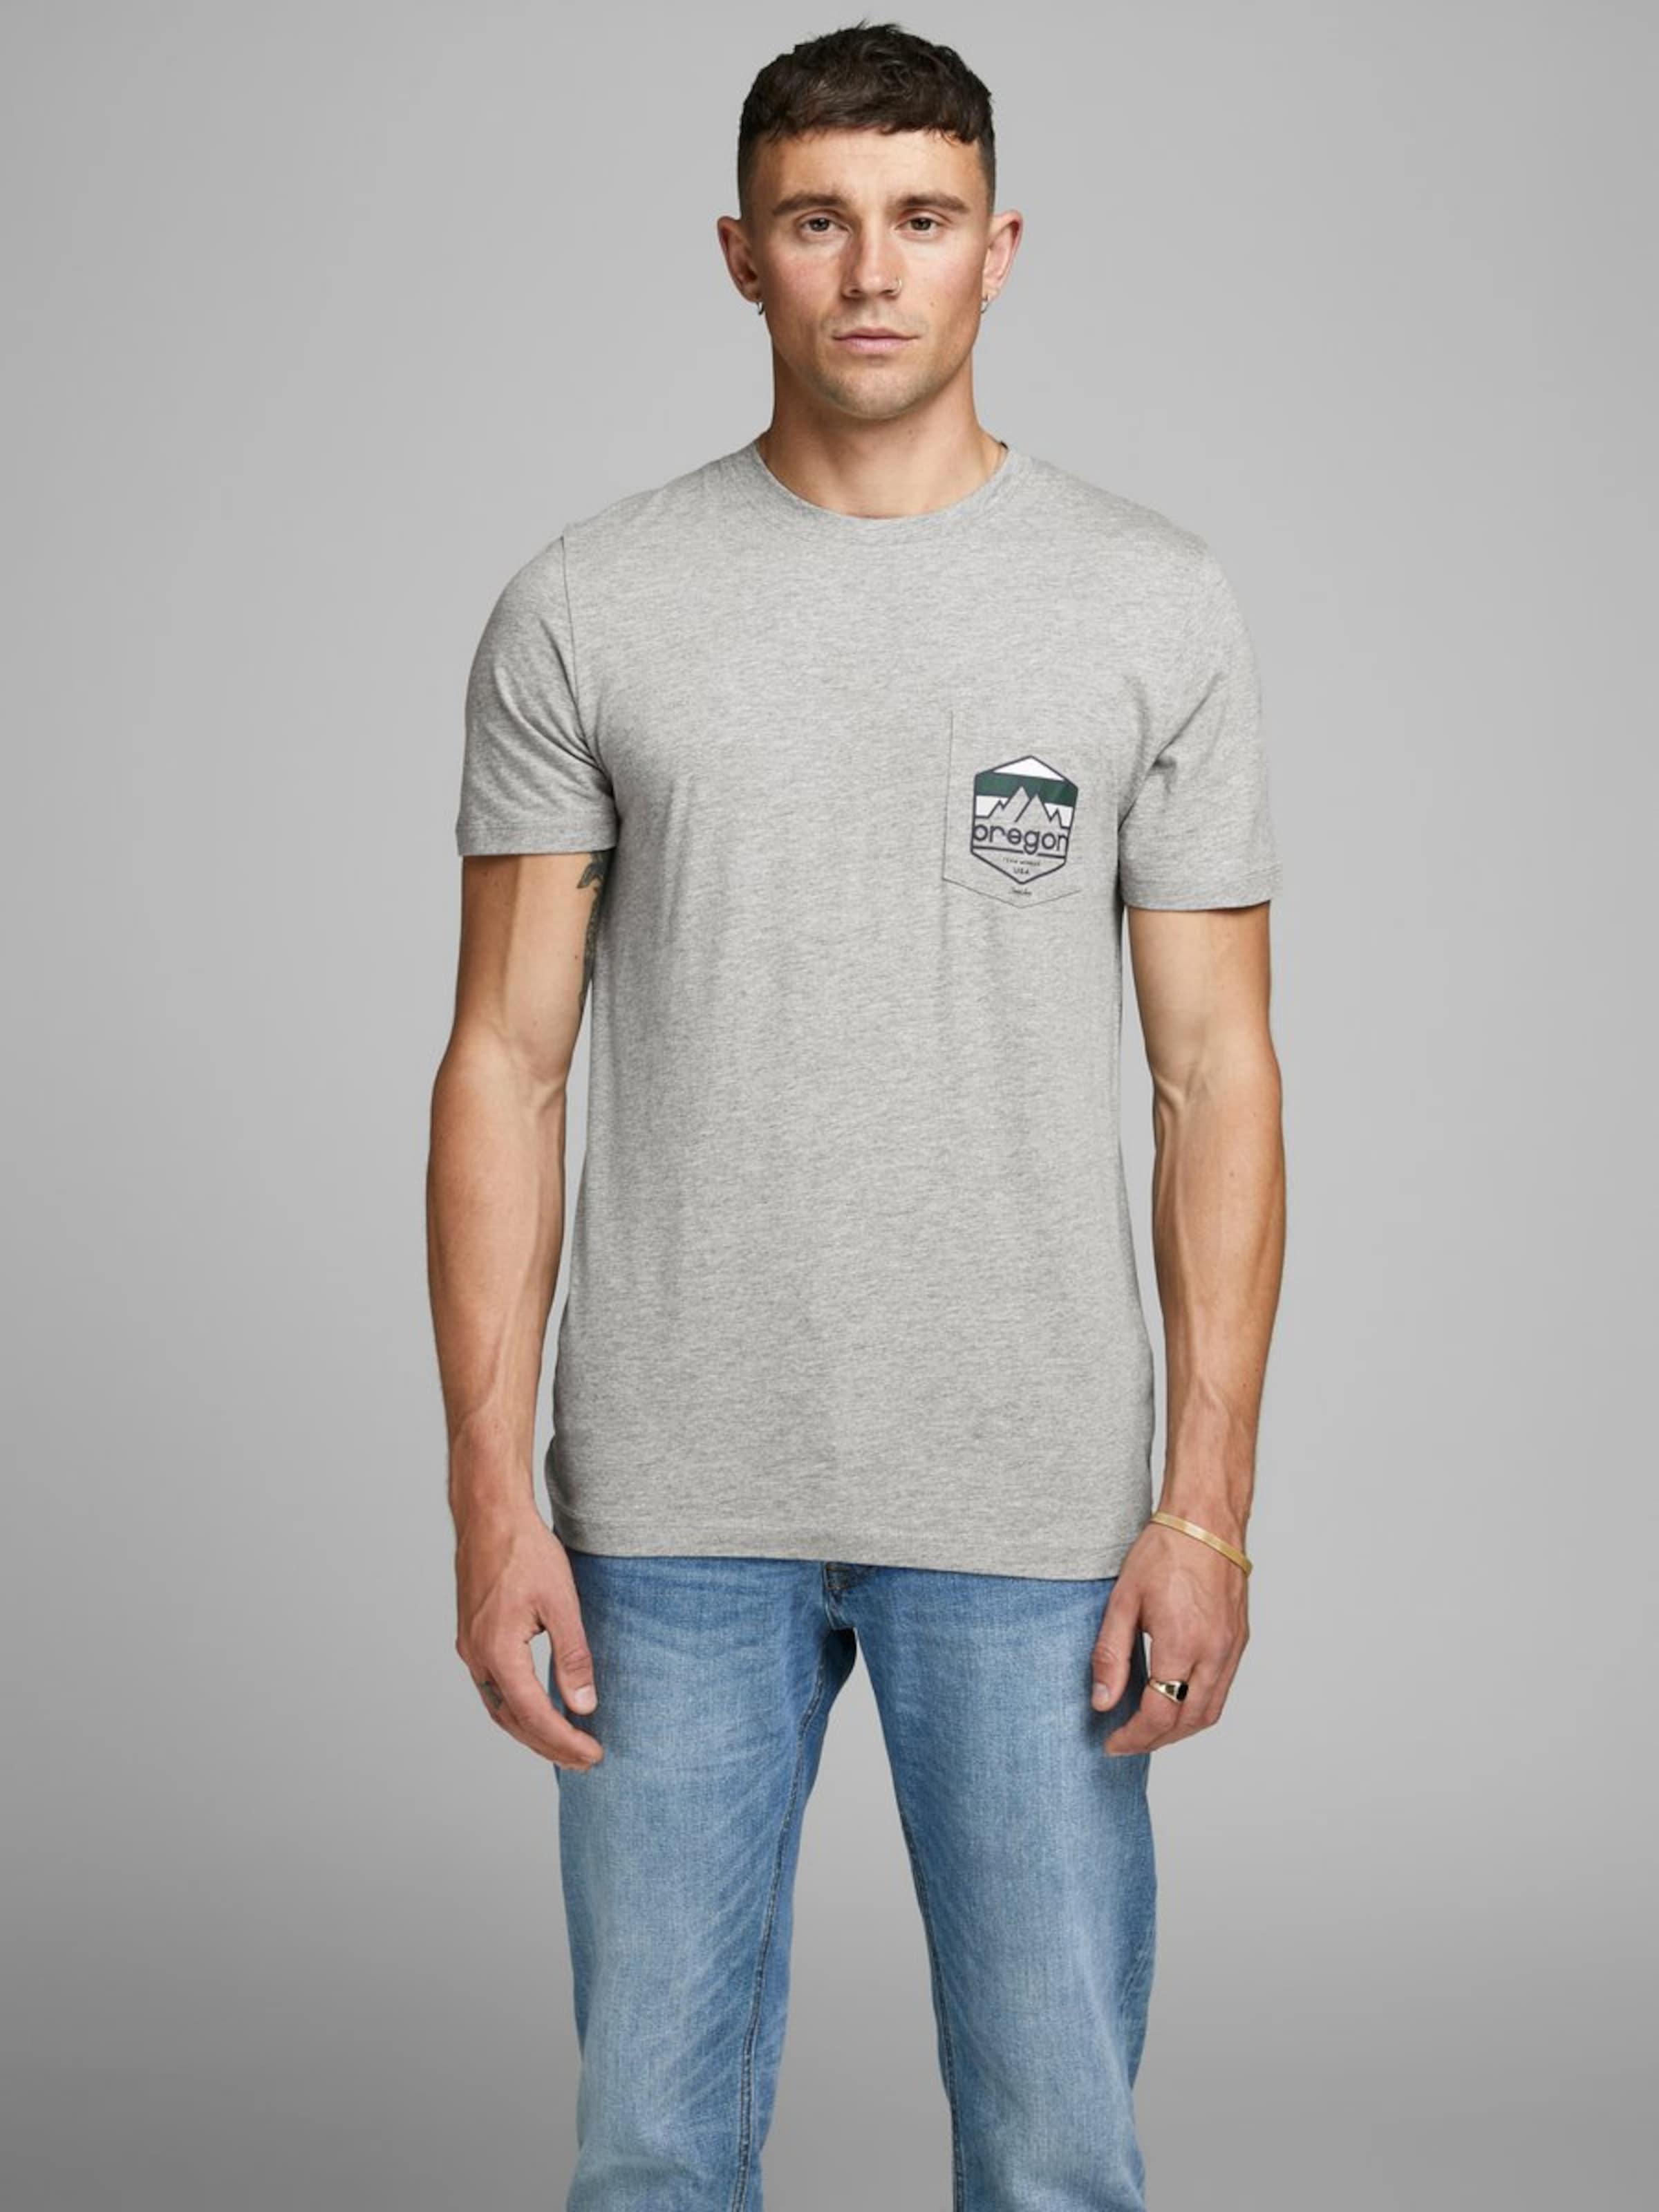 Jones Gentiane shirt Jackamp; T En kiPXZuO